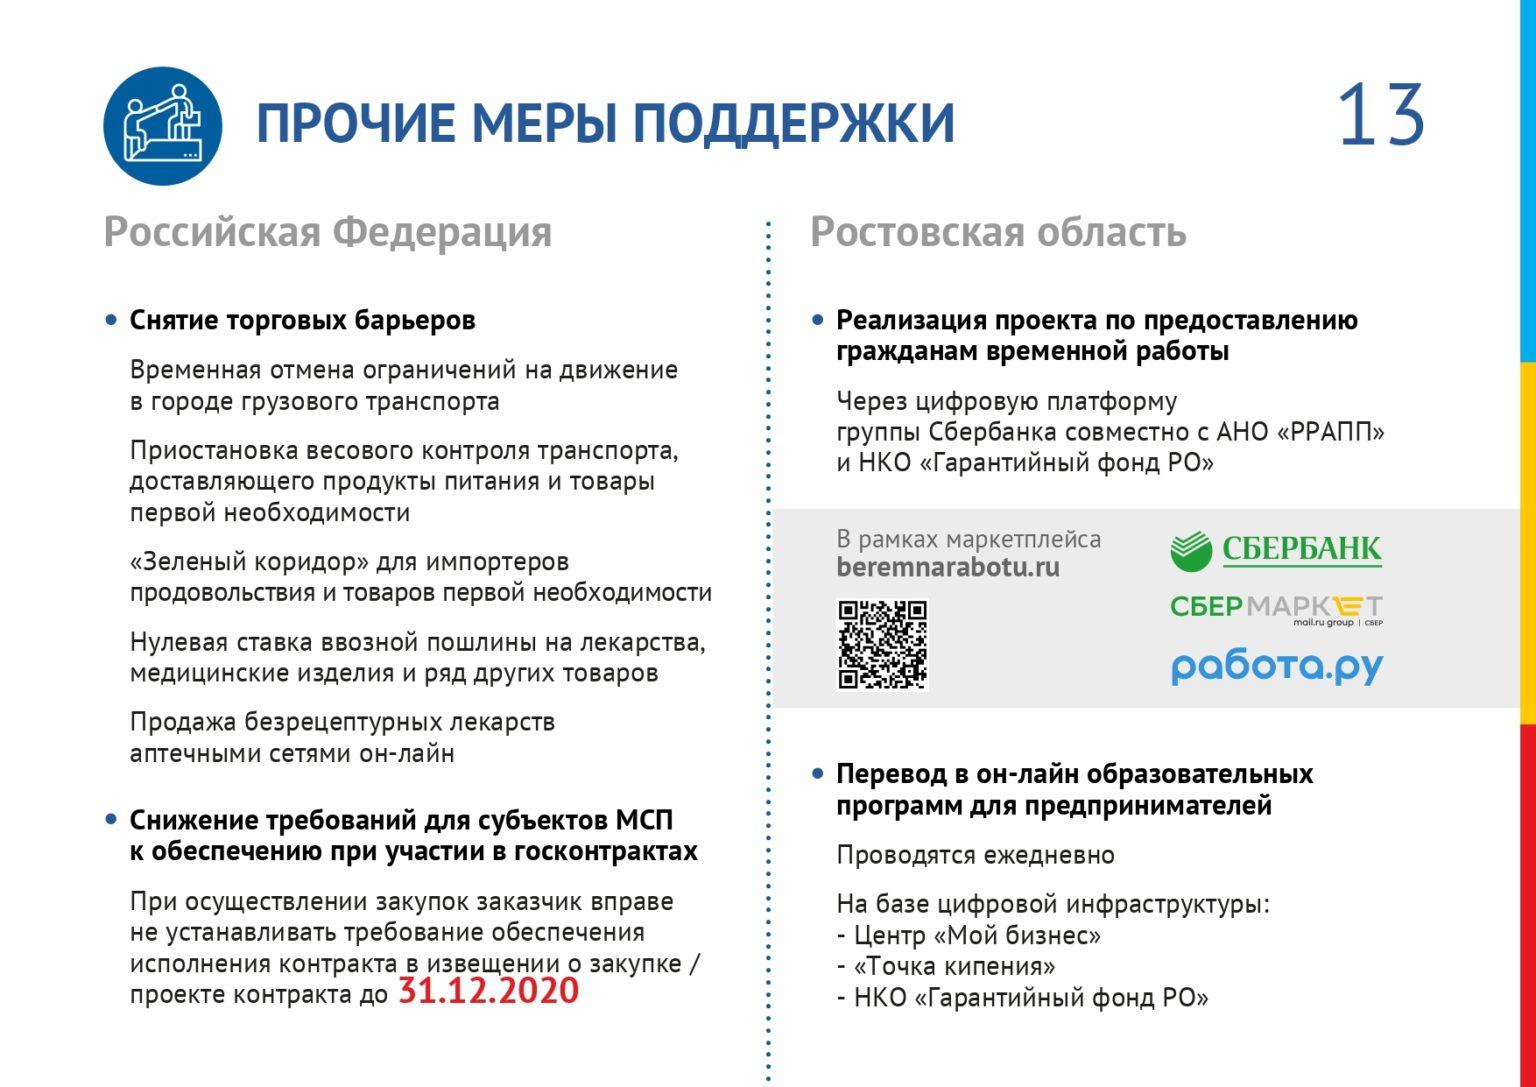 Презентация_page-0013